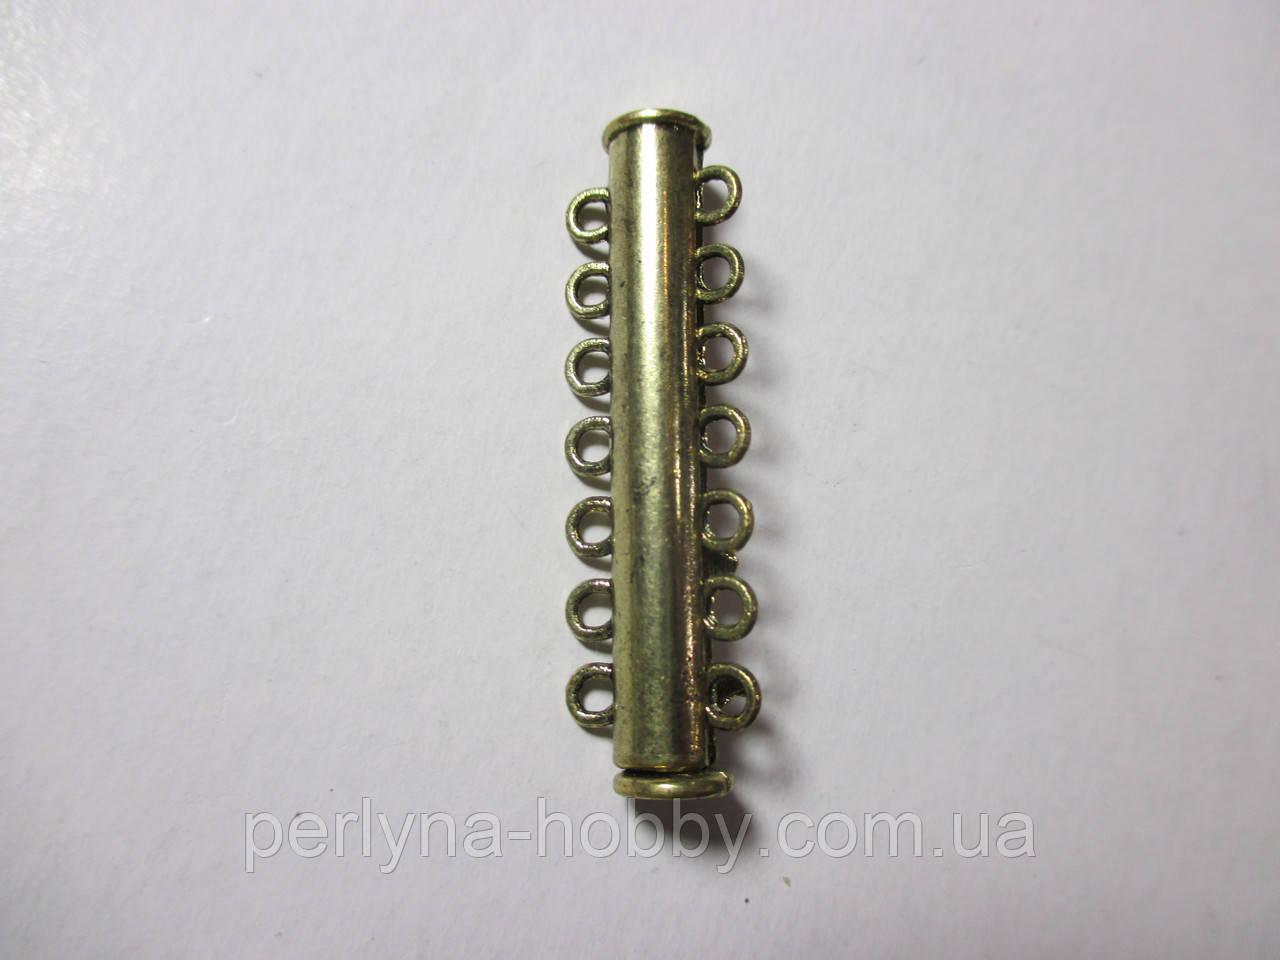 Застібка магніт 6 ниток, бронза